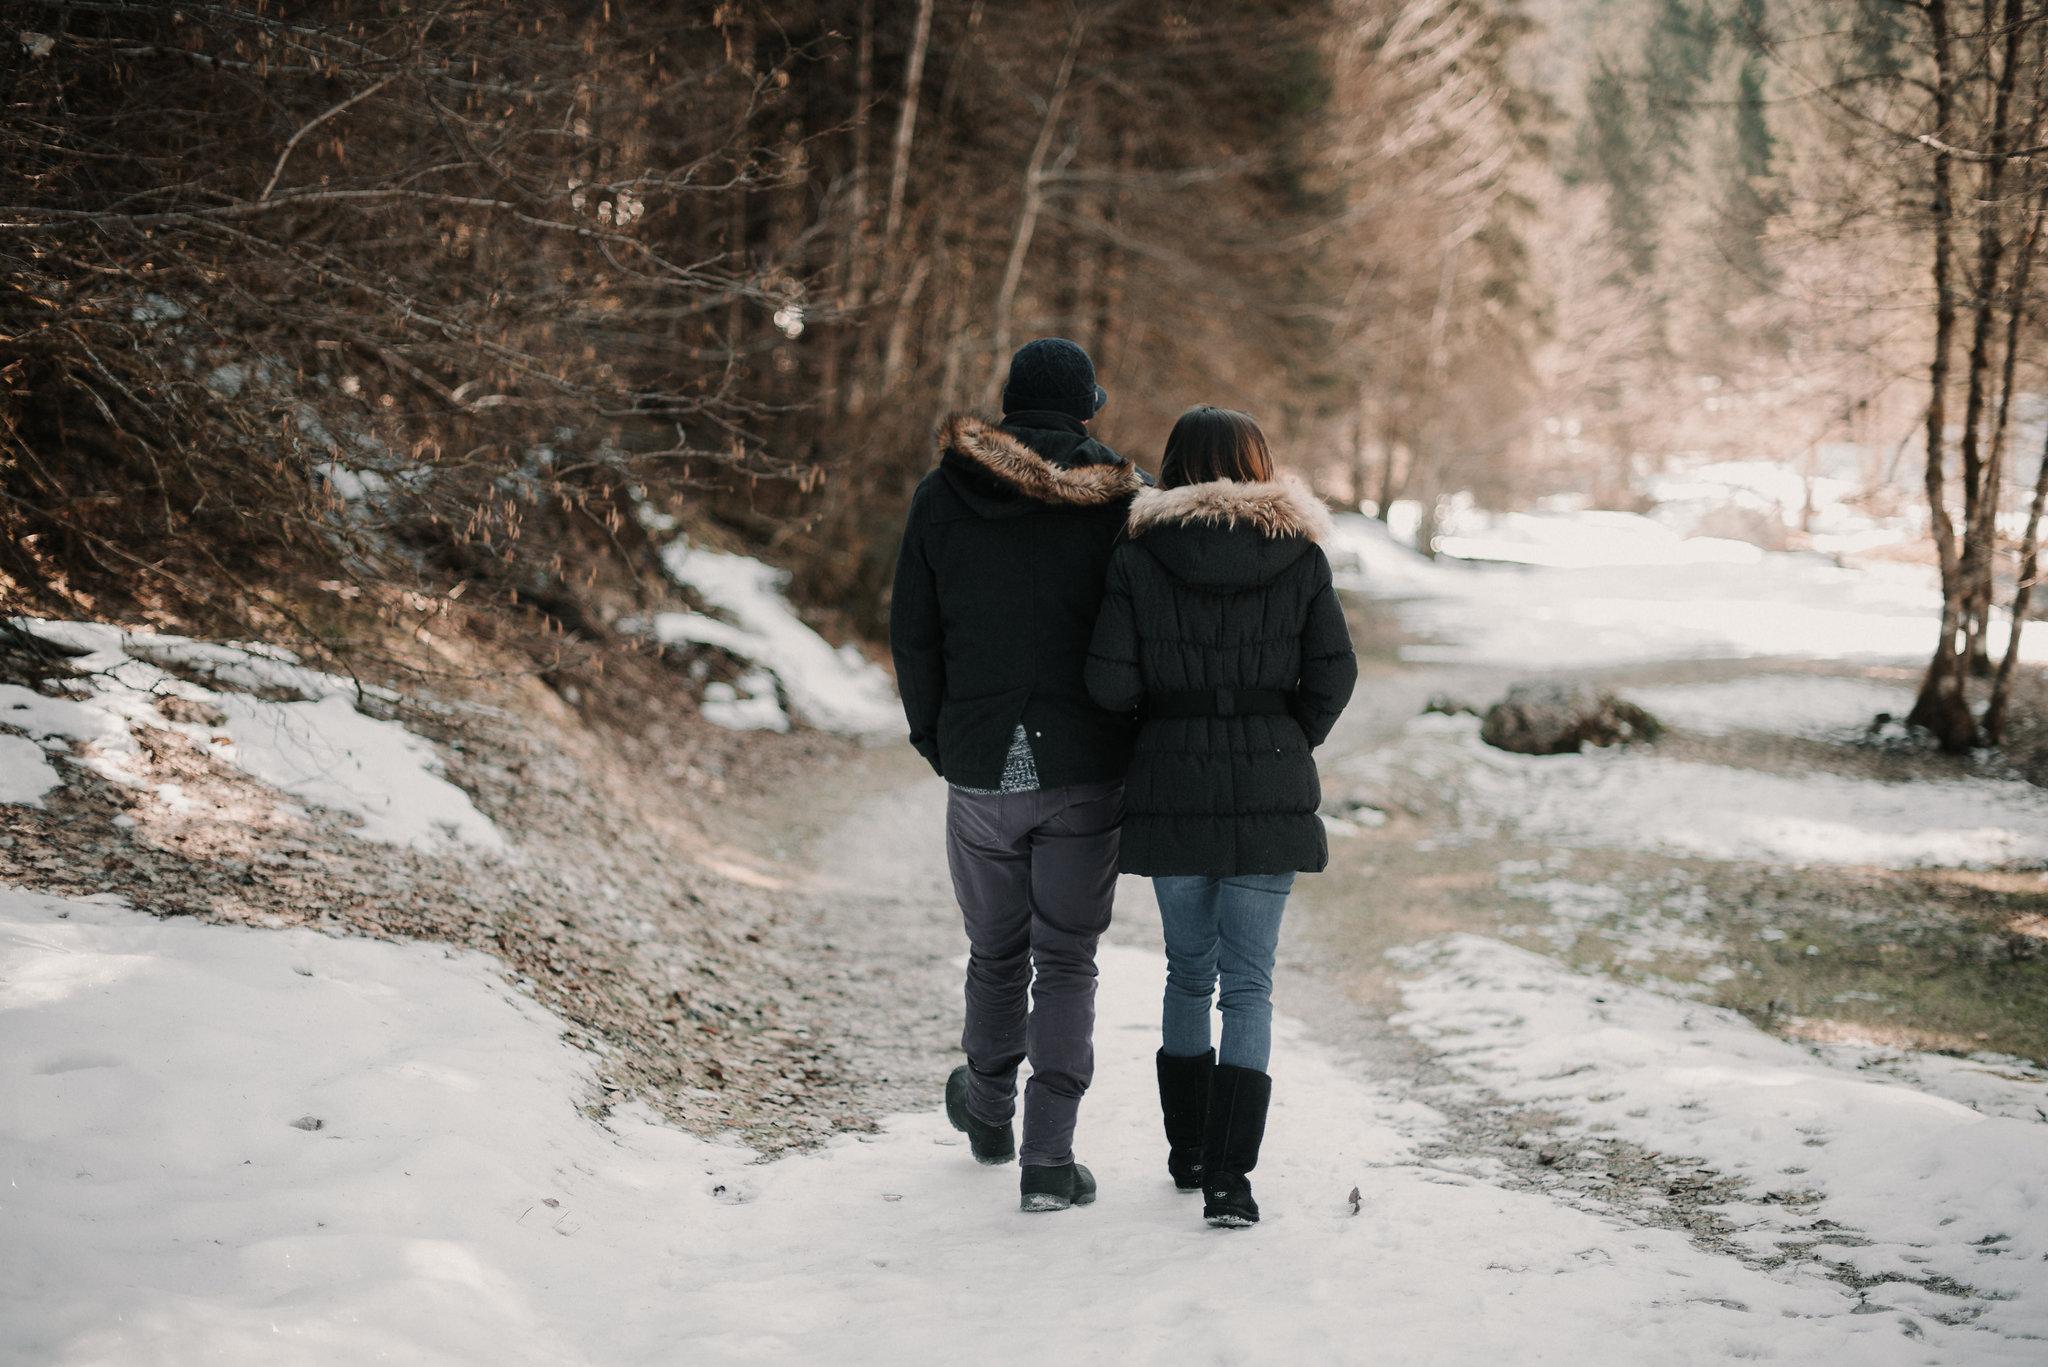 Léa-Fery-photographe-professionnel-lyon-rhone-alpes-portrait-creation-mariage-evenement-evenementiel-famille-4771.jpg